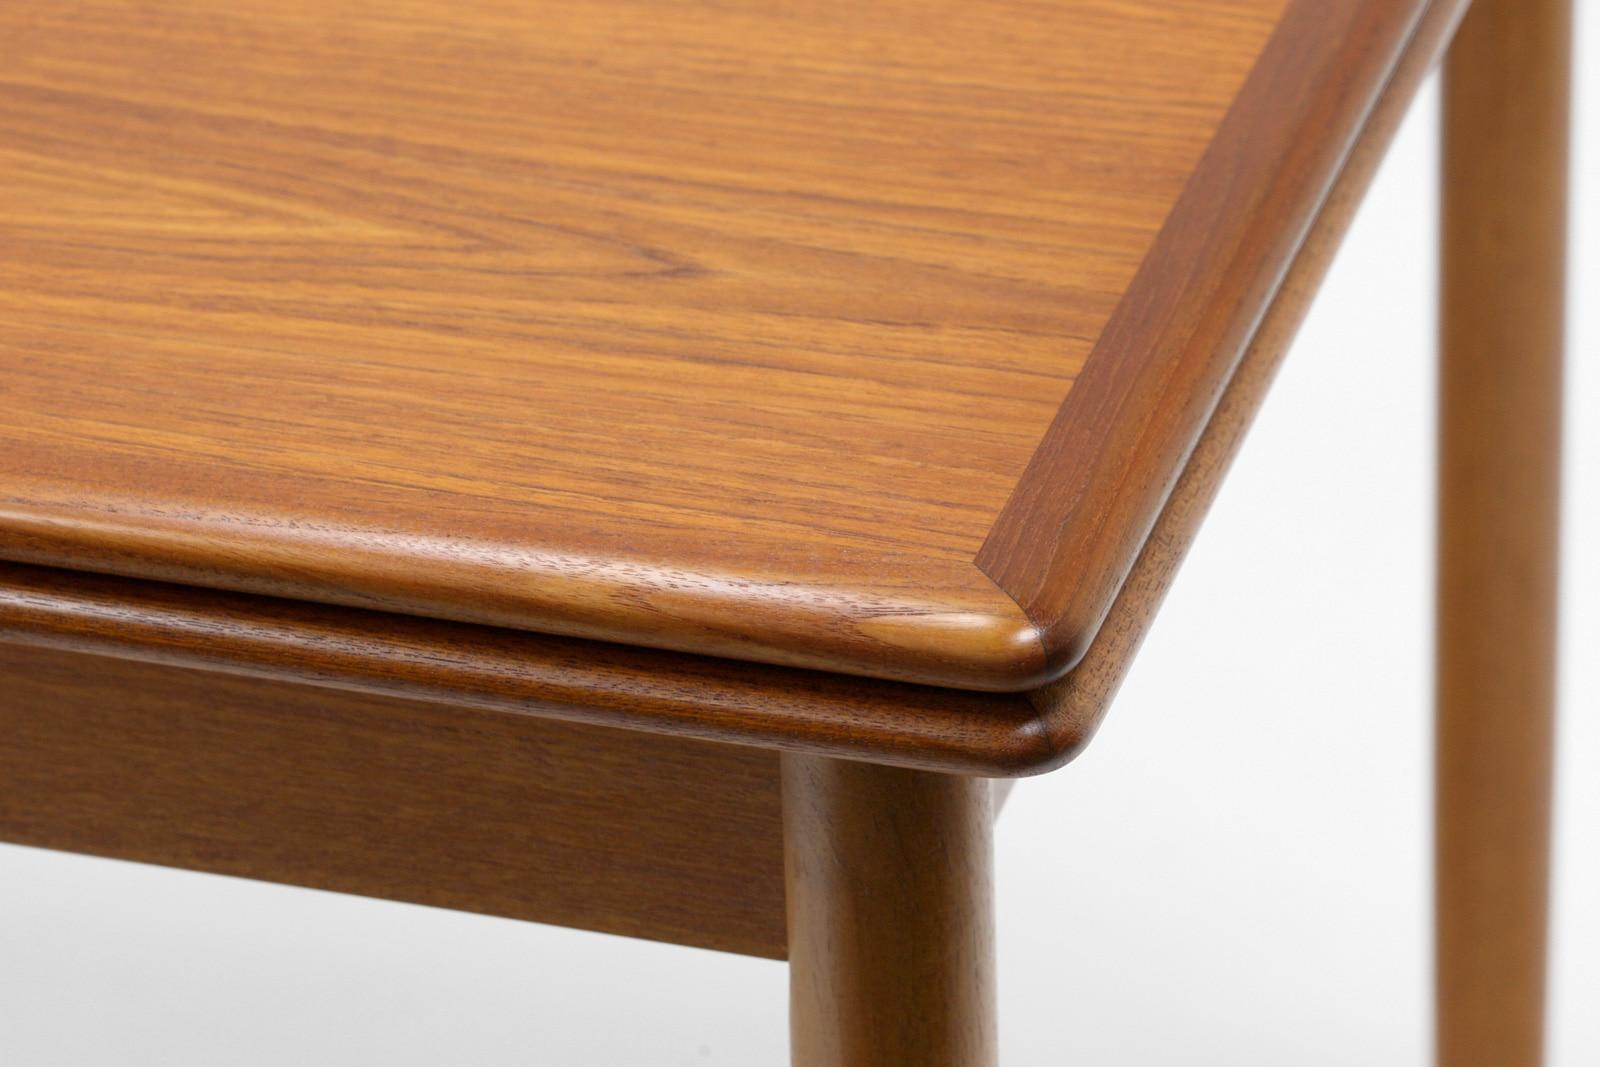 ヴィンテージ,北欧,家具,ダイニングテーブル,チーク材